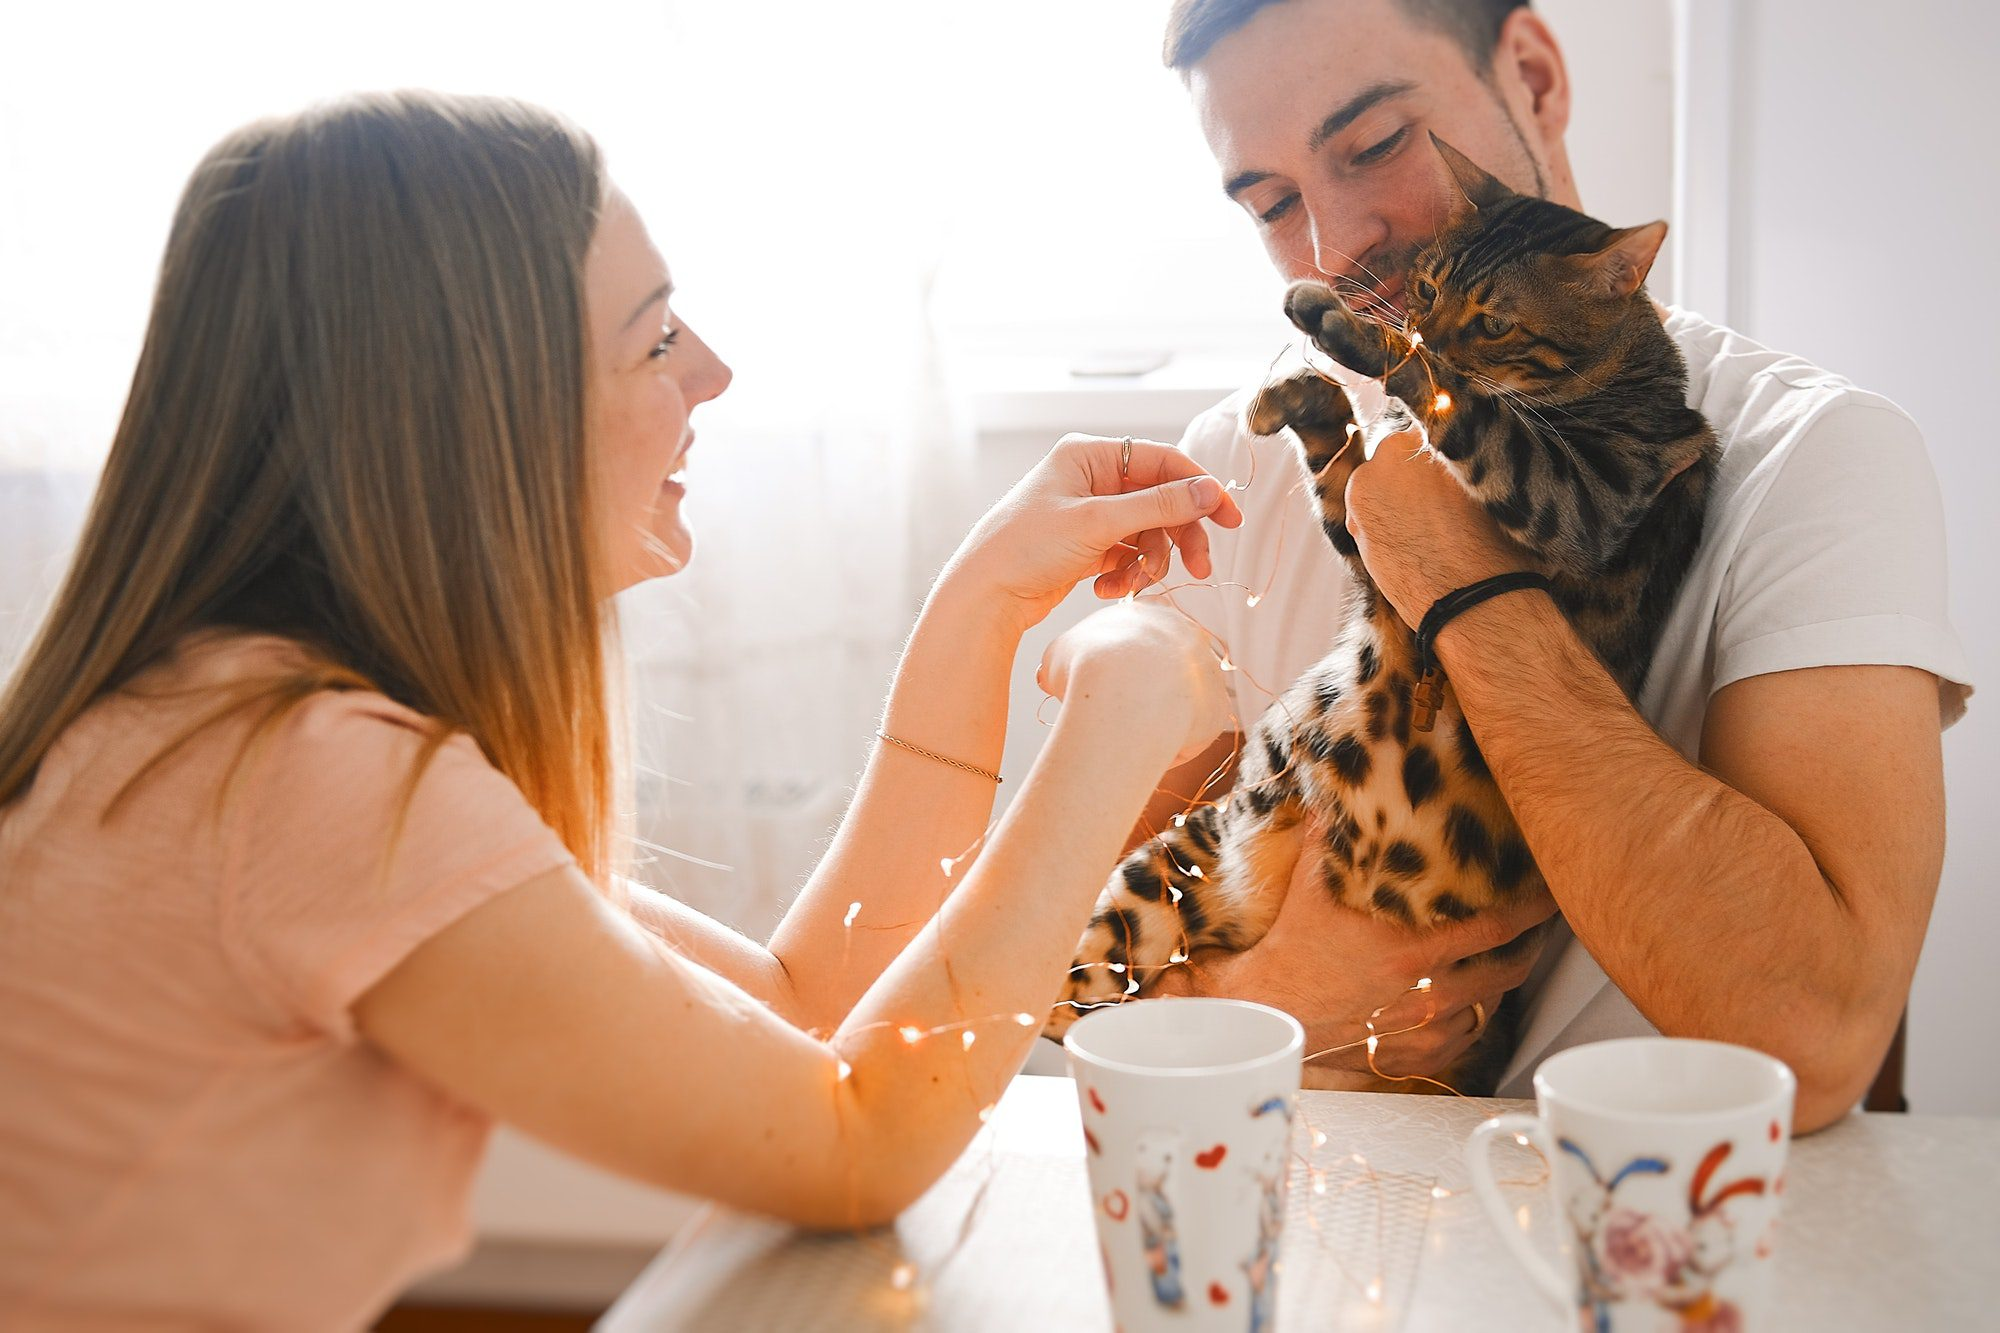 7 alarming pet emergencies